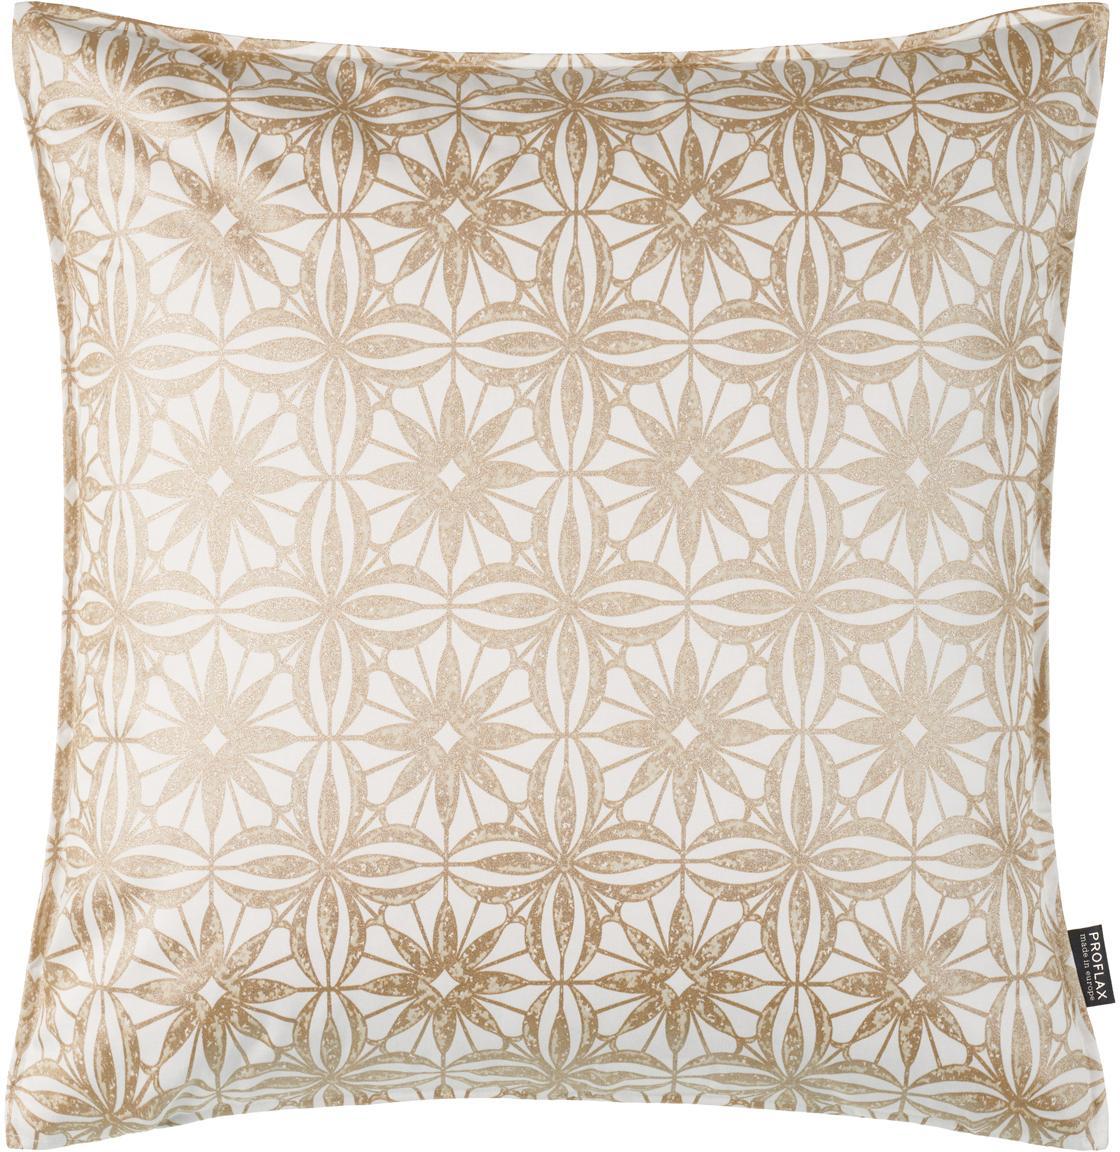 Kissenhülle Alexis mit Muster in Gold- und Beigetönen, Baumwolle, Weiß, Beige, Goldfarben, 40 x 40 cm